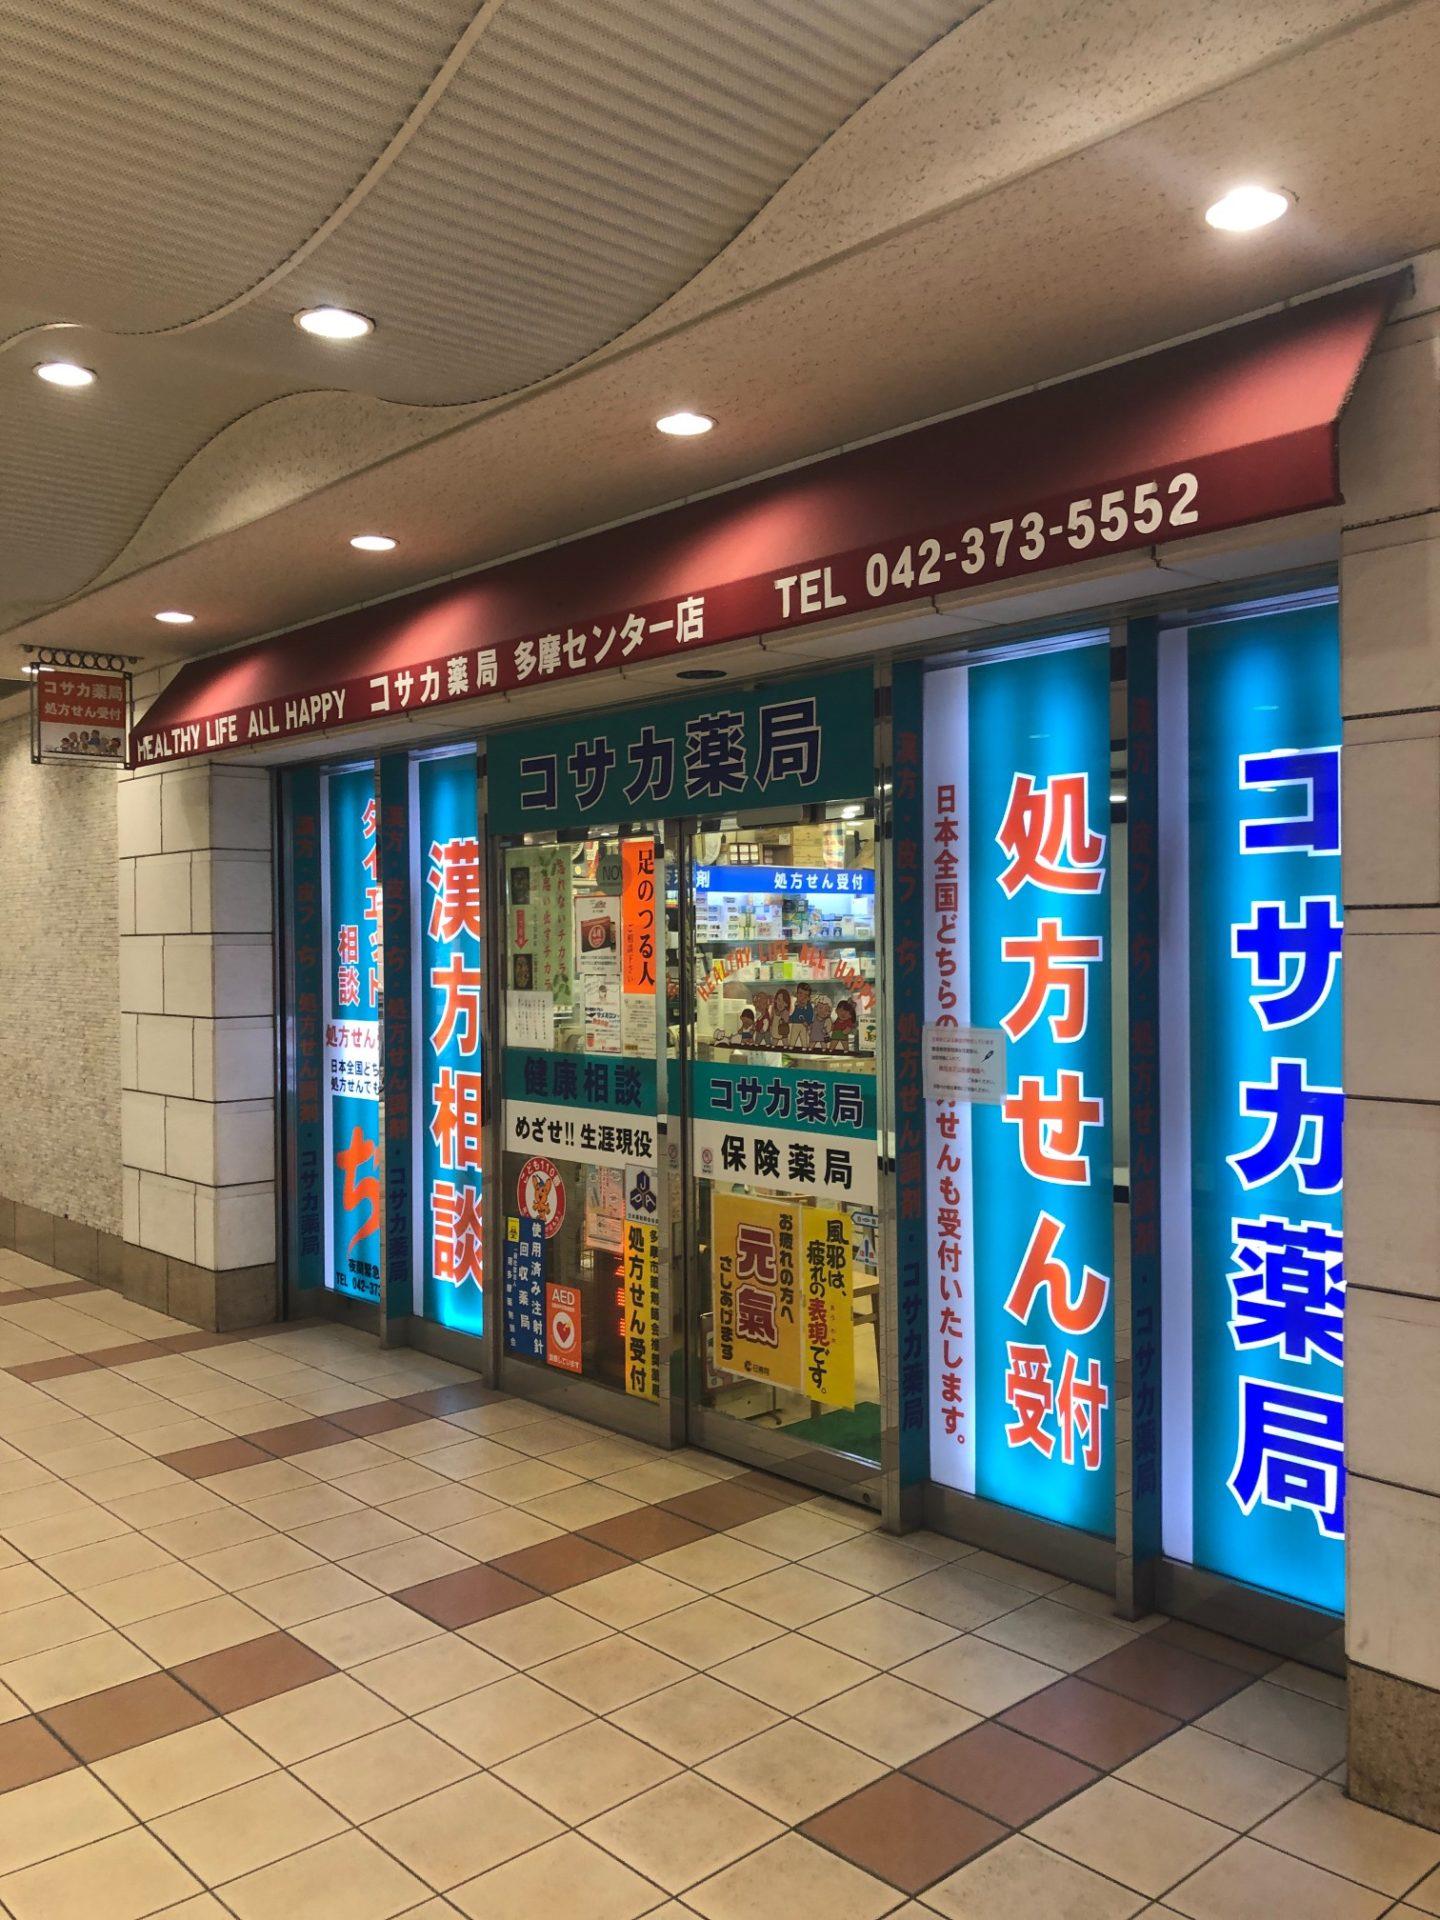 コサカ薬局 多摩センター駅前店